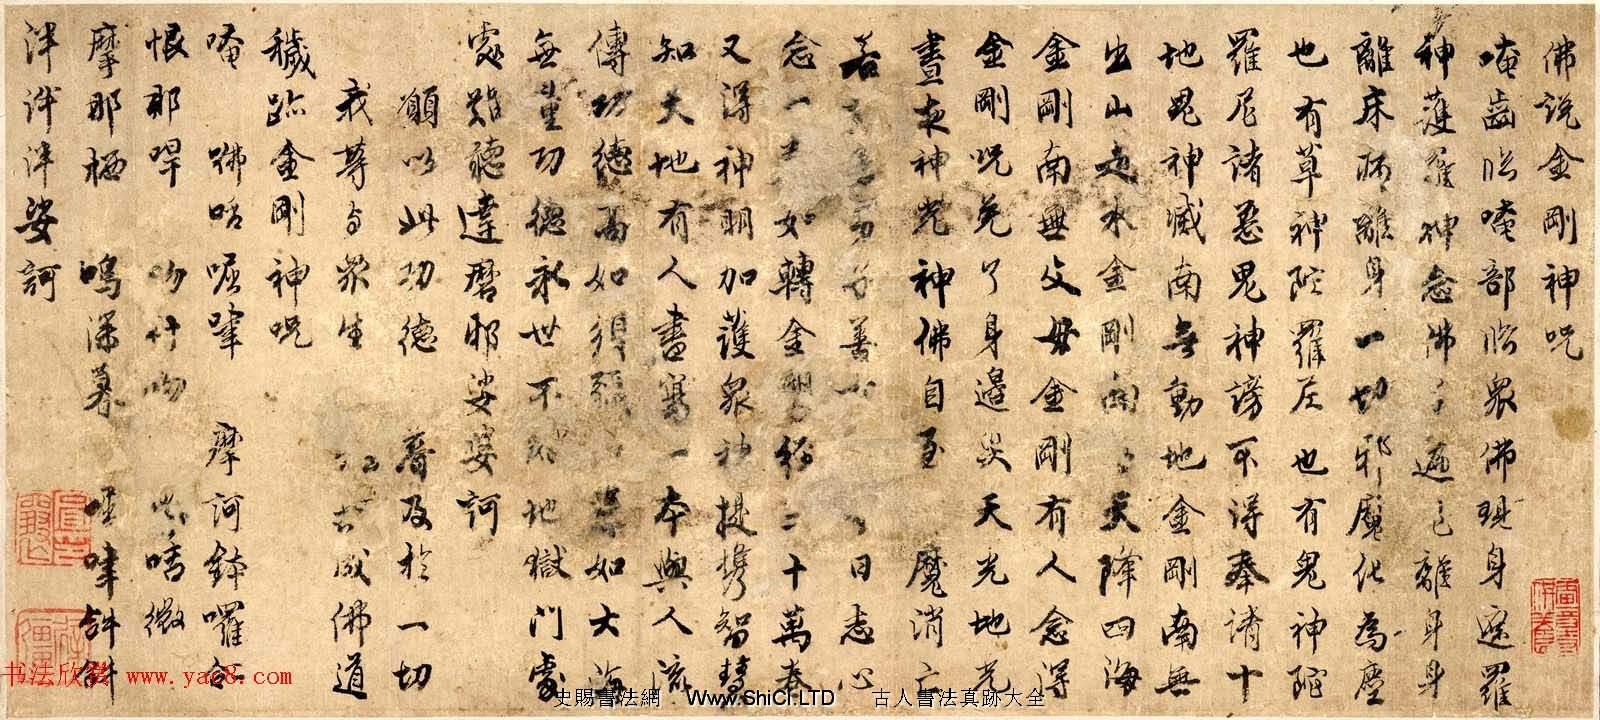 佛說金剛神咒+穢跡金剛神咒墨跡美國藏(共4張圖片)